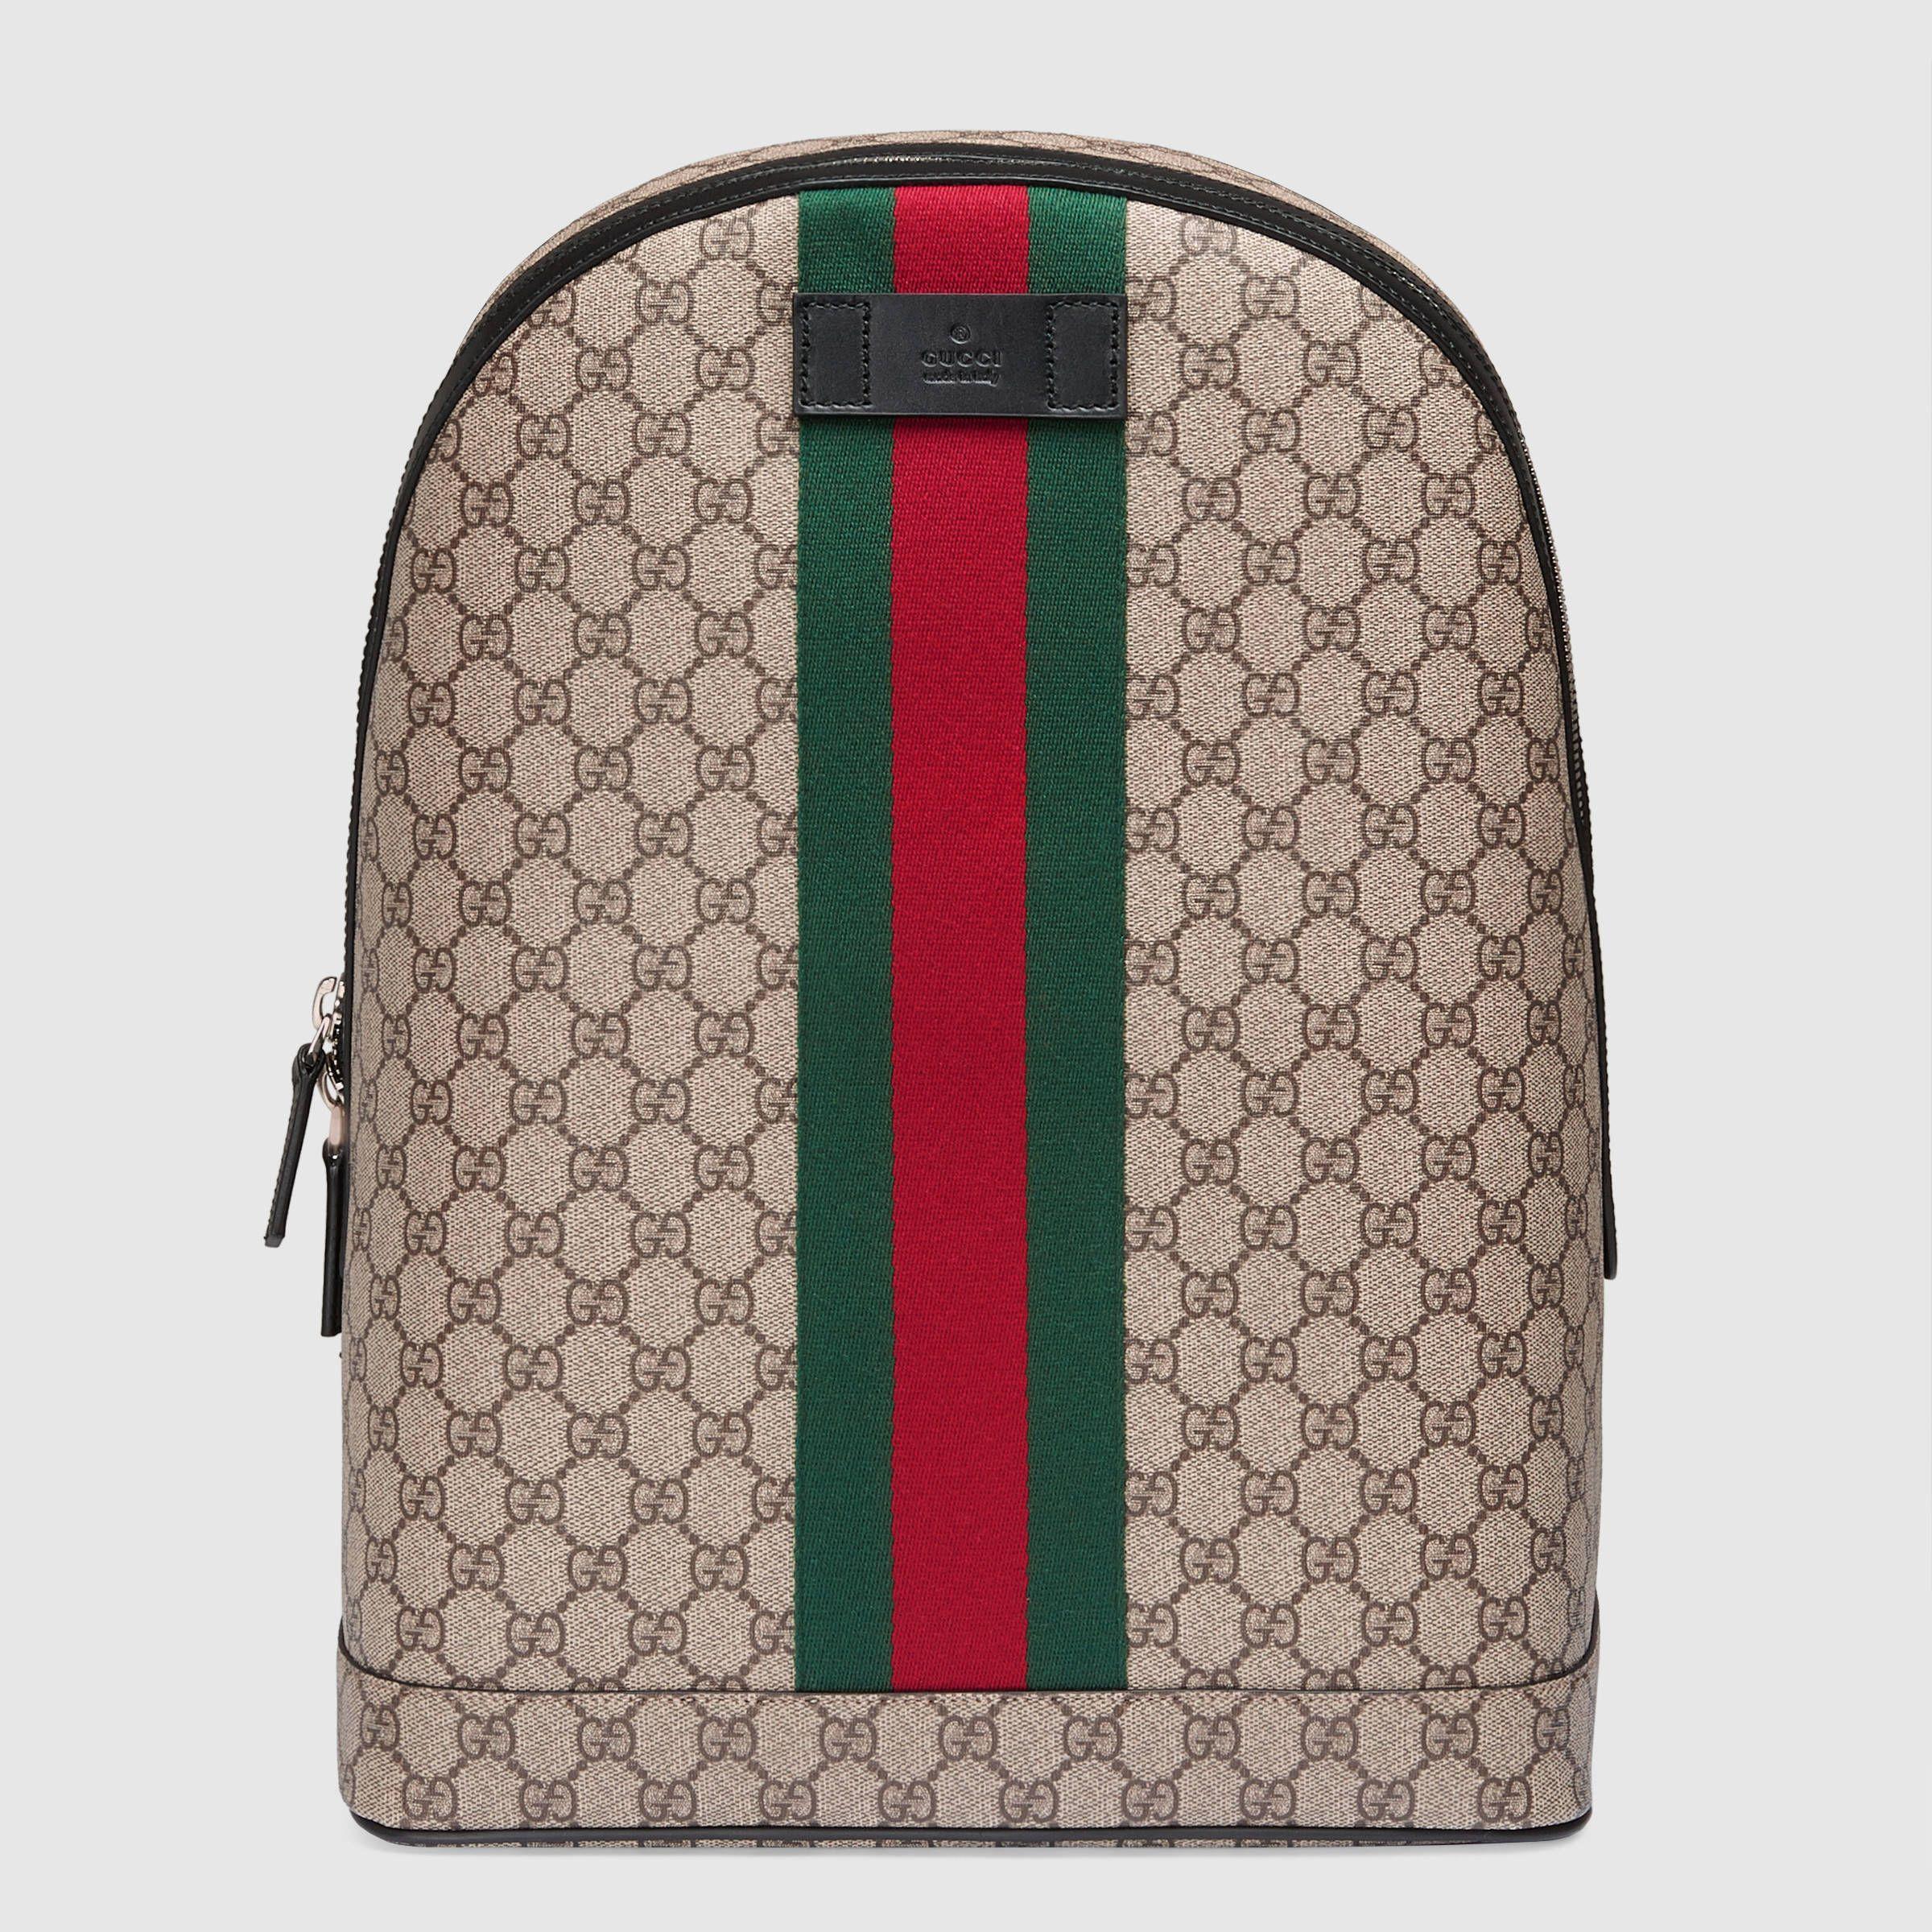 Gucci Men - GG Supreme backpack with Web - 442722K2LVN9692 ...